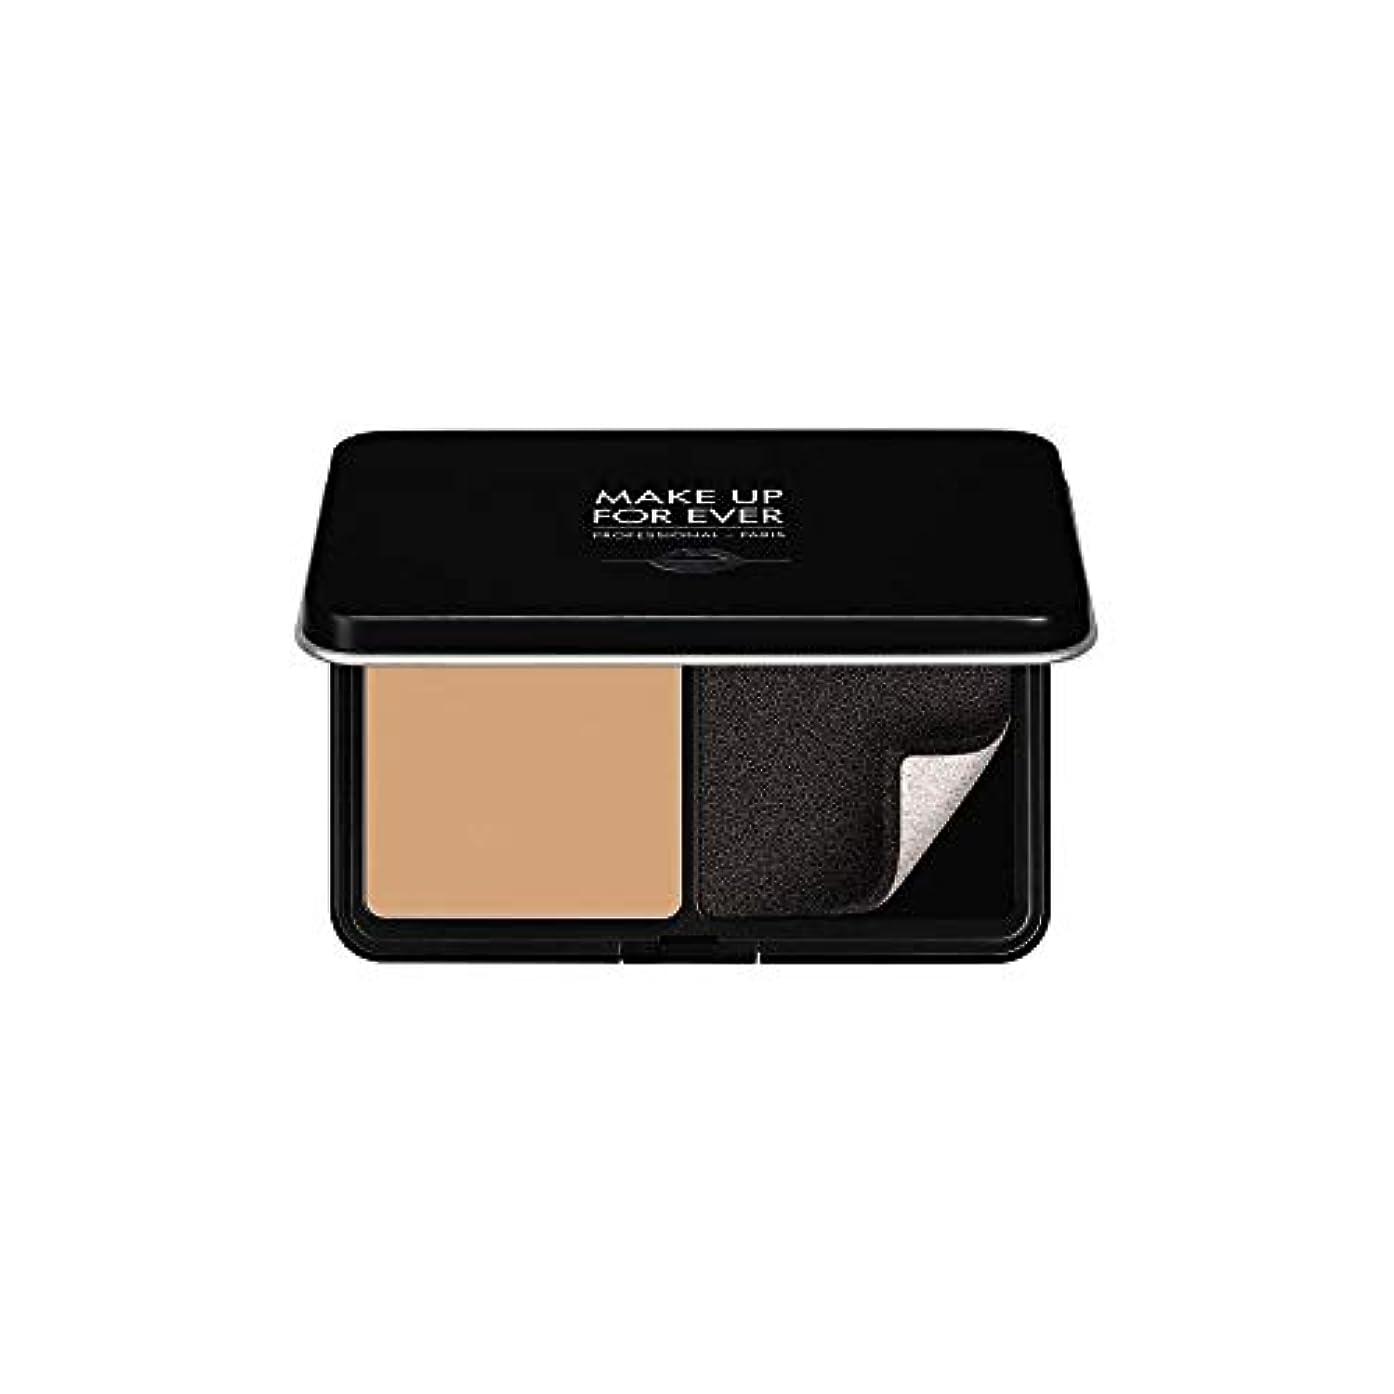 メイクアップフォーエバー Matte Velvet Skin Blurring Powder Foundation - # R330 (Warm Ivory) 11g/0.38oz並行輸入品